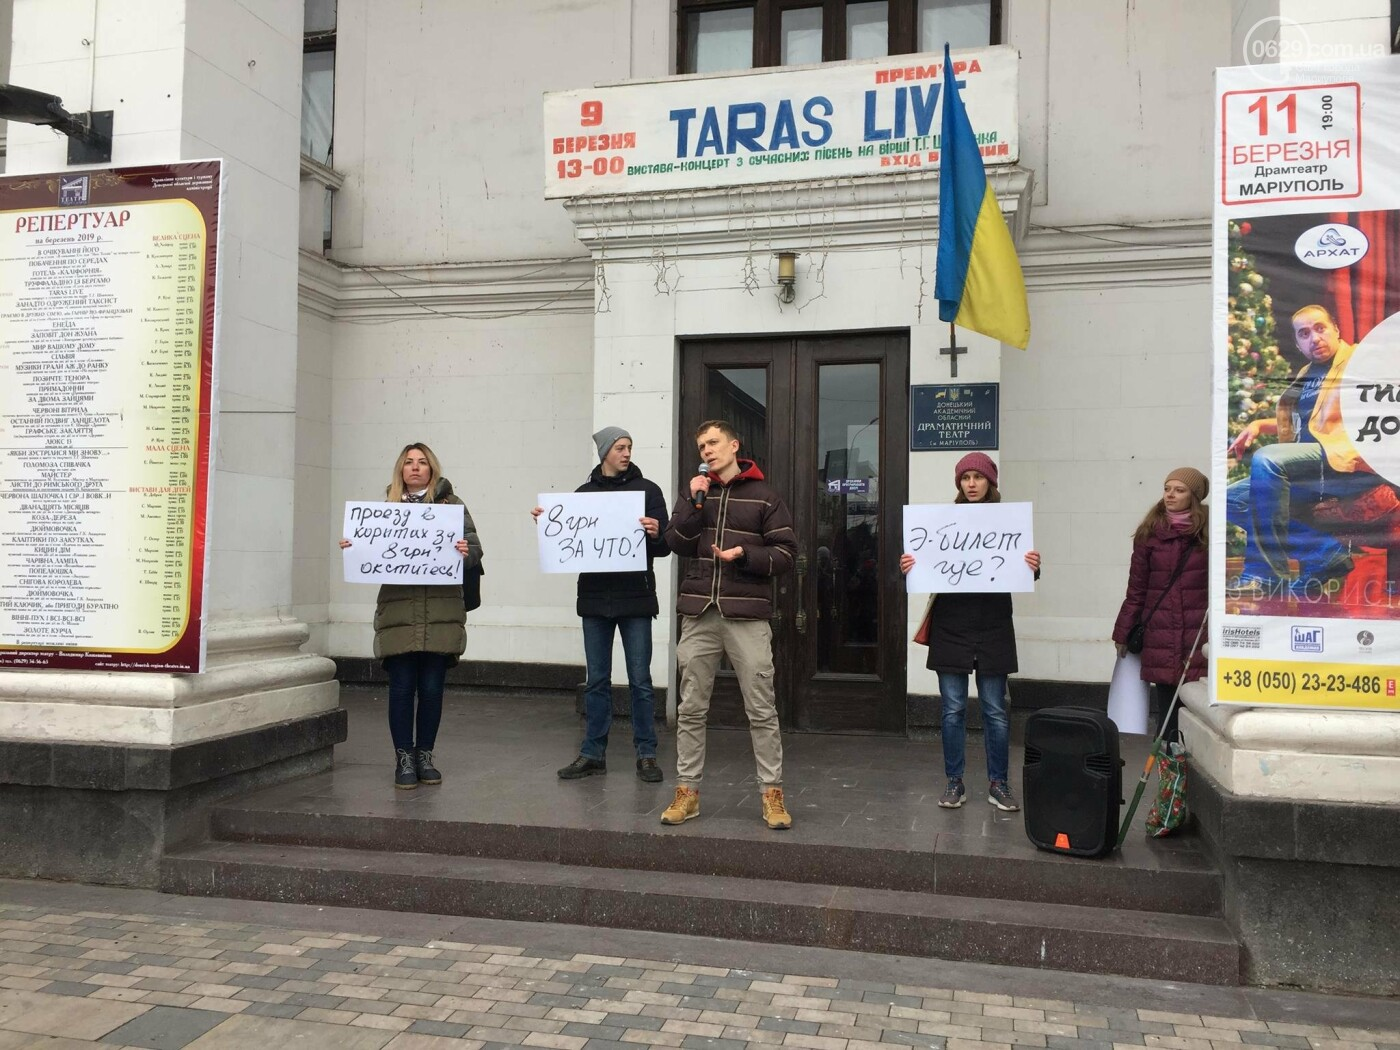 Мариупольцы митингуют против повышения тарифов на проезд, - ФОТО, ВИДЕО, Дополняется, фото-5